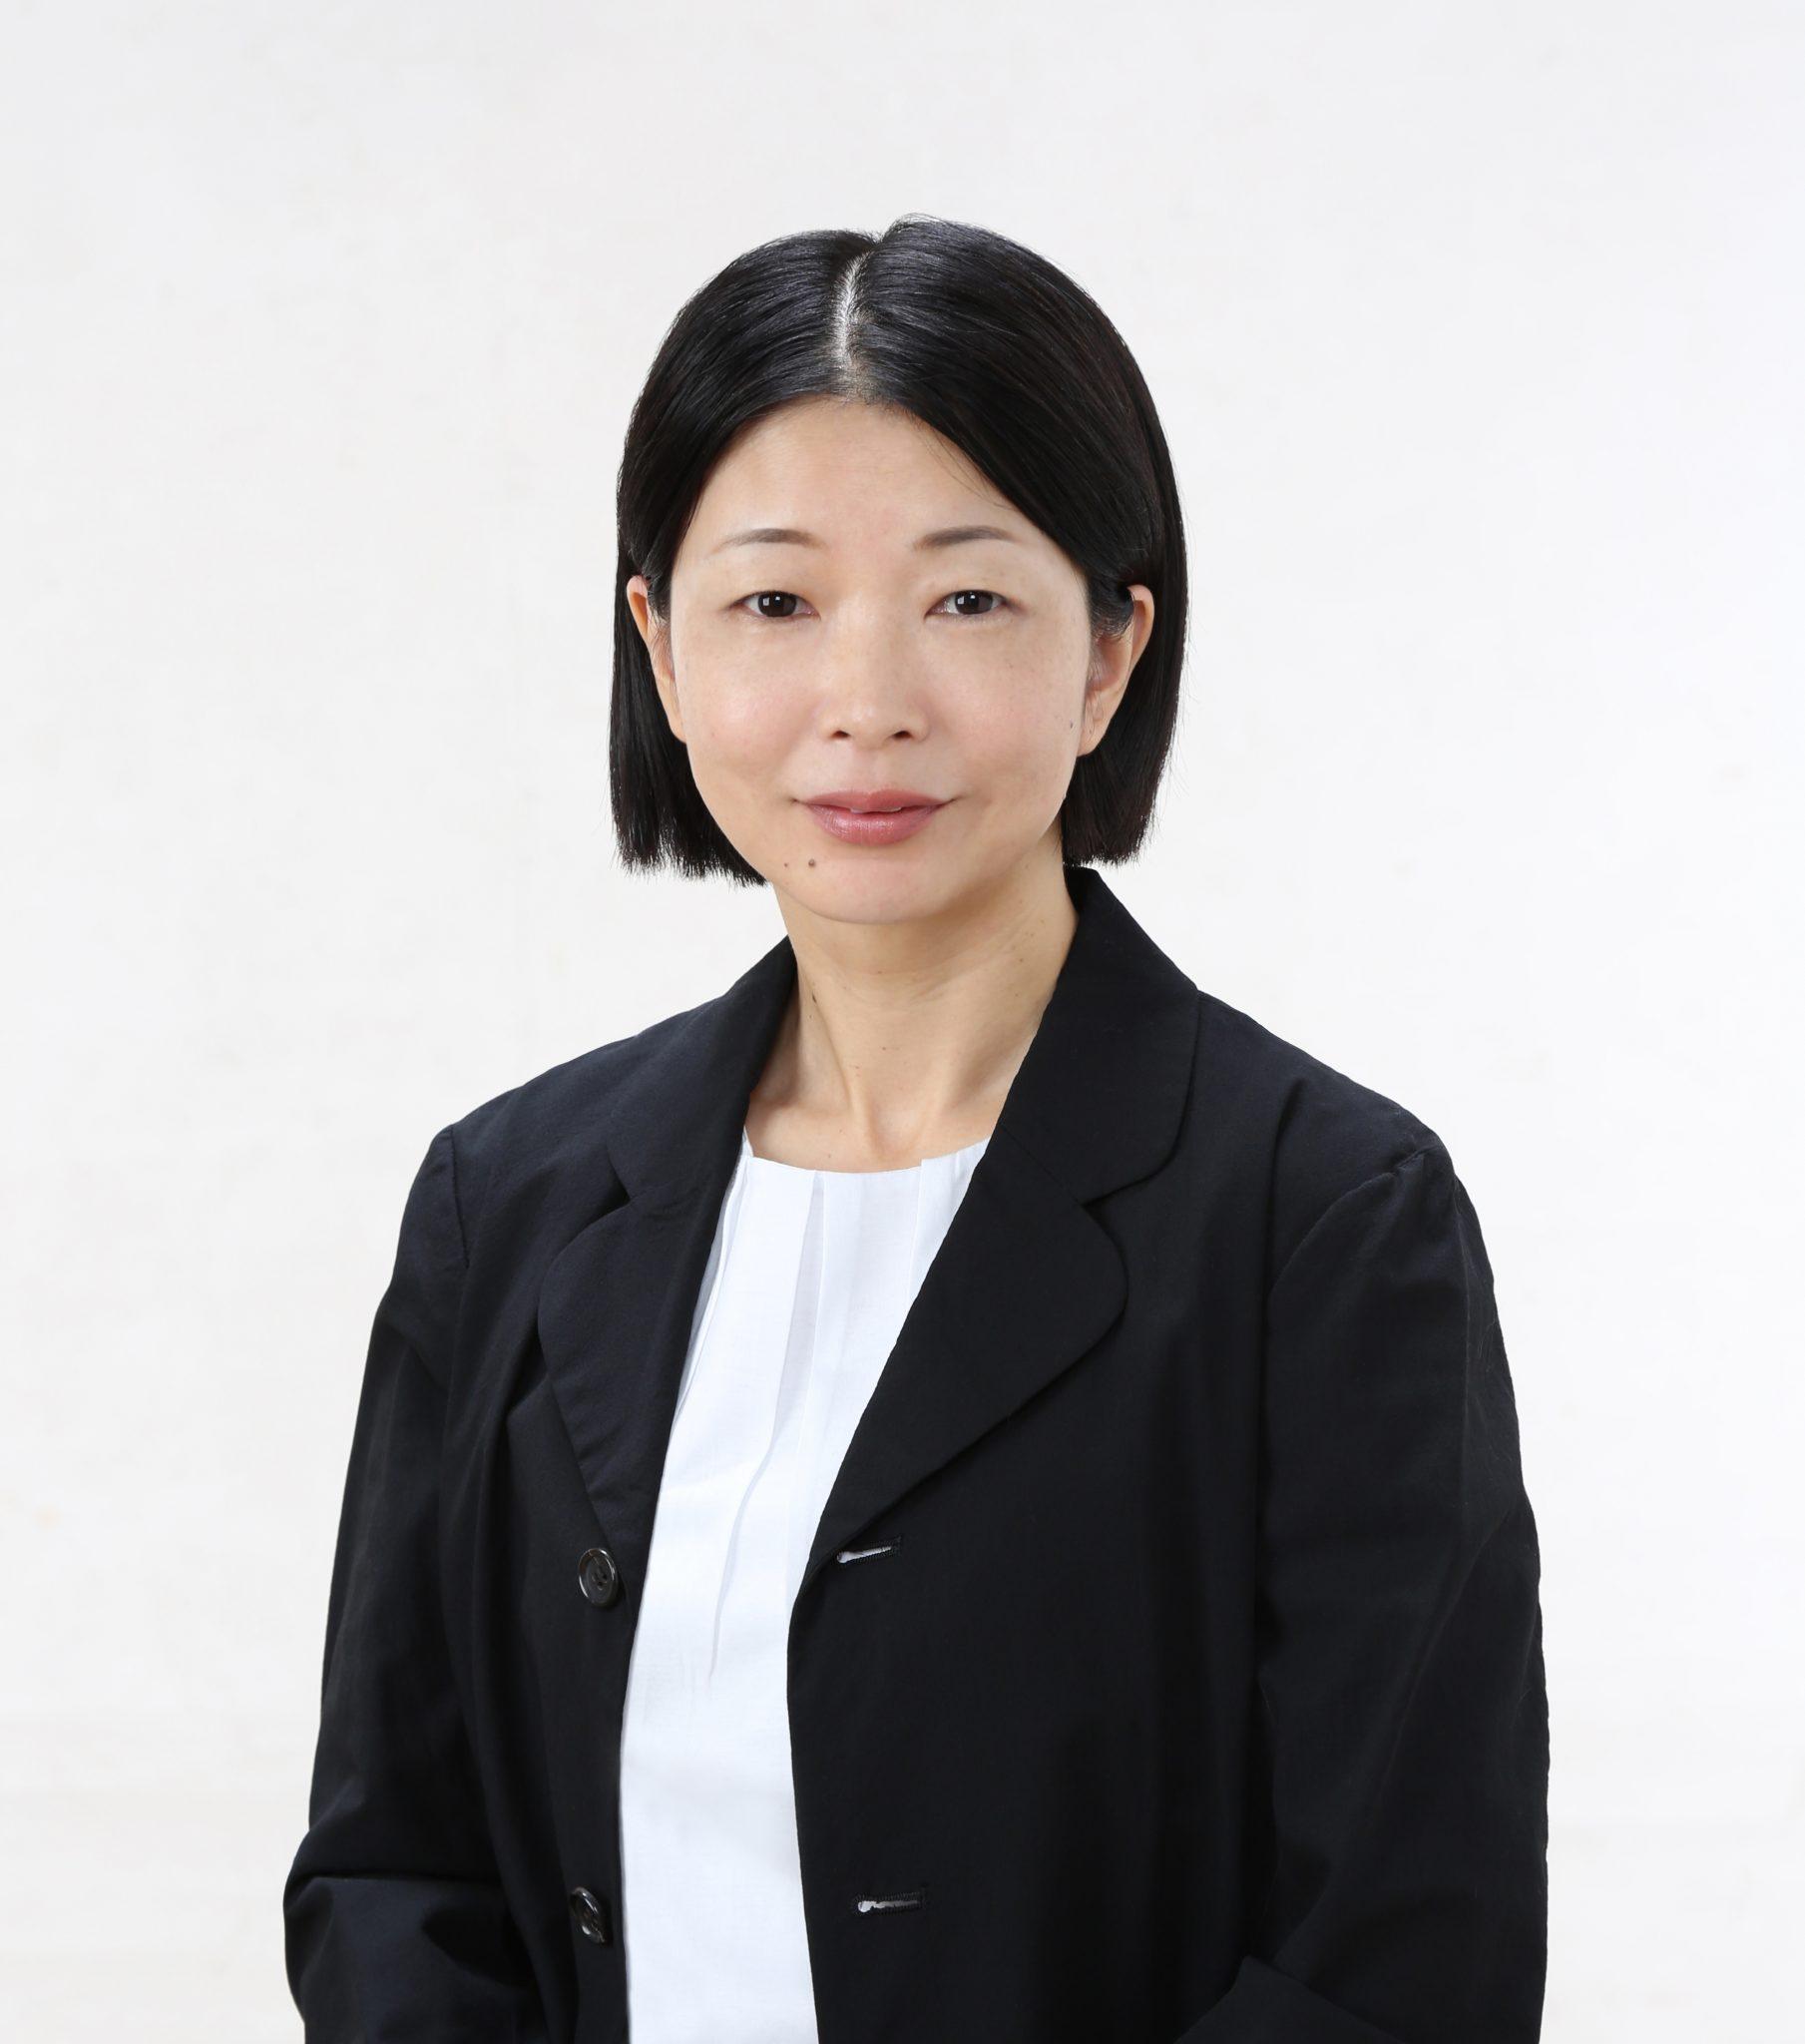 通訳案内士 米村 泰代